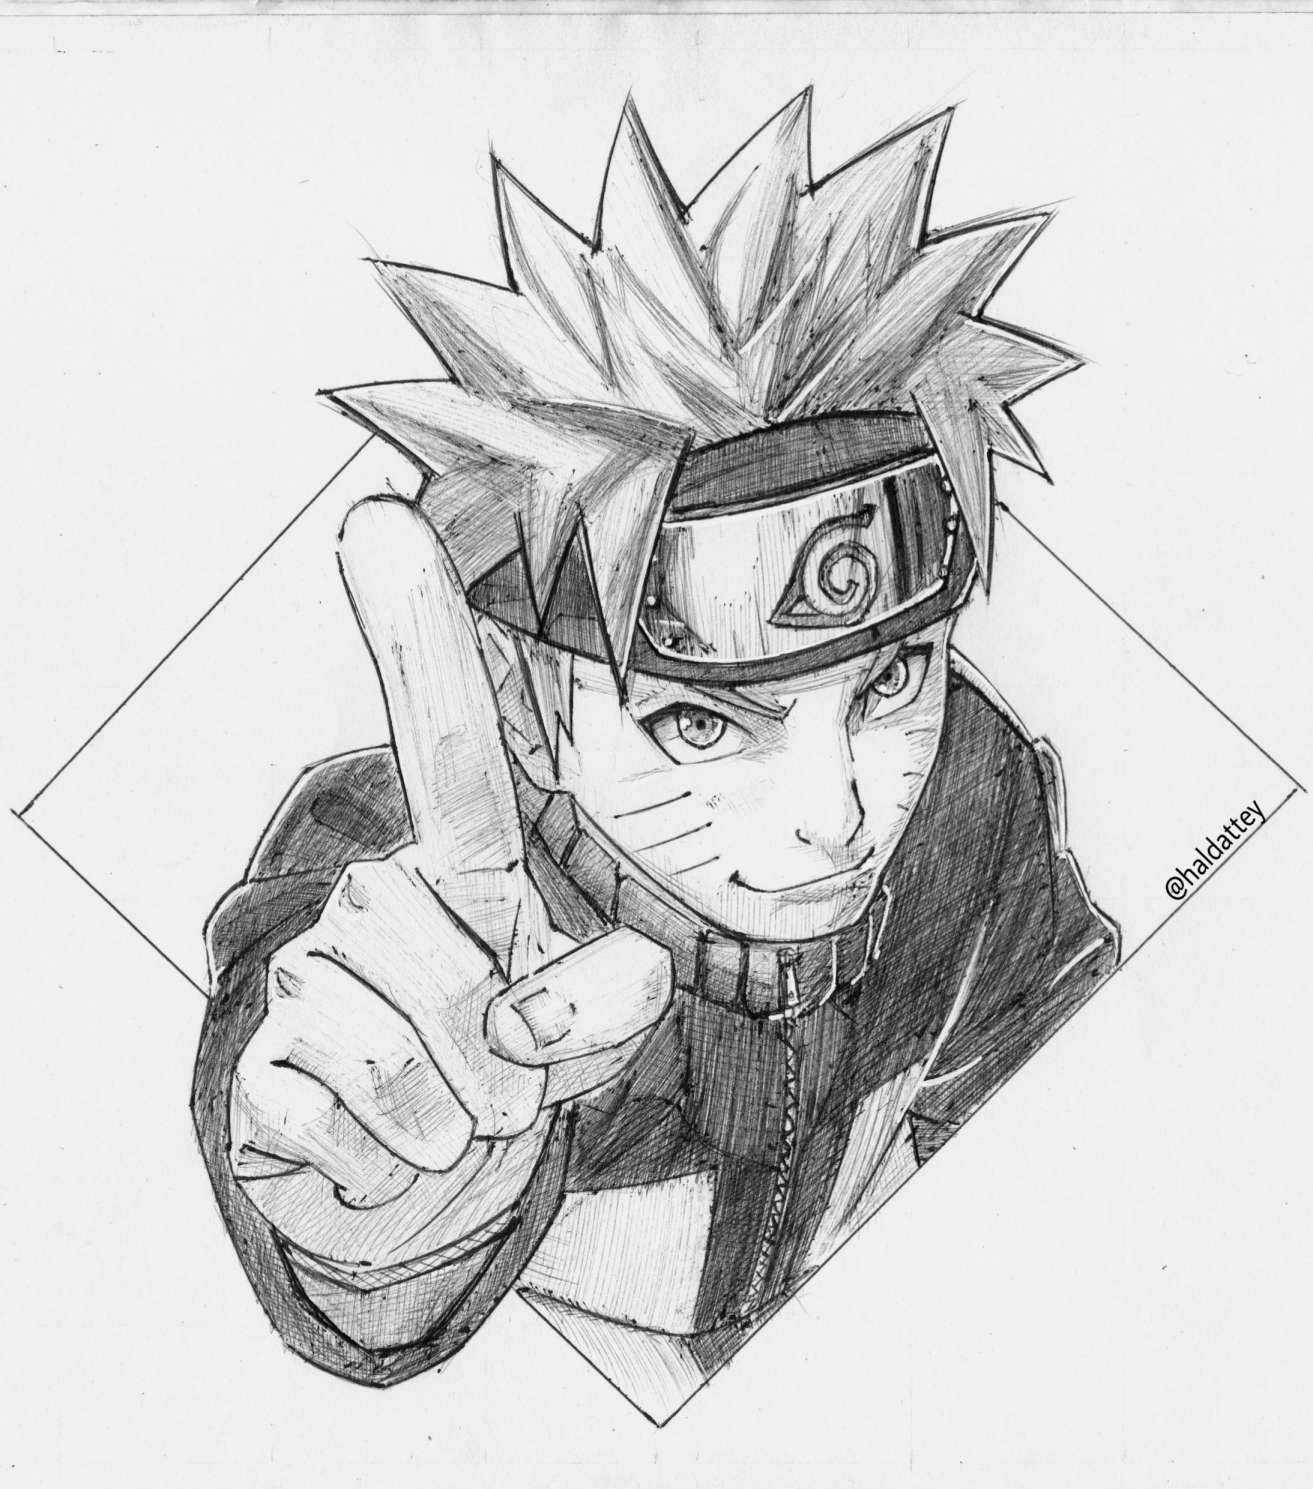 10 Naruto Drawing Images Naruto Drawings Anime Character Drawing Naruto Sketch